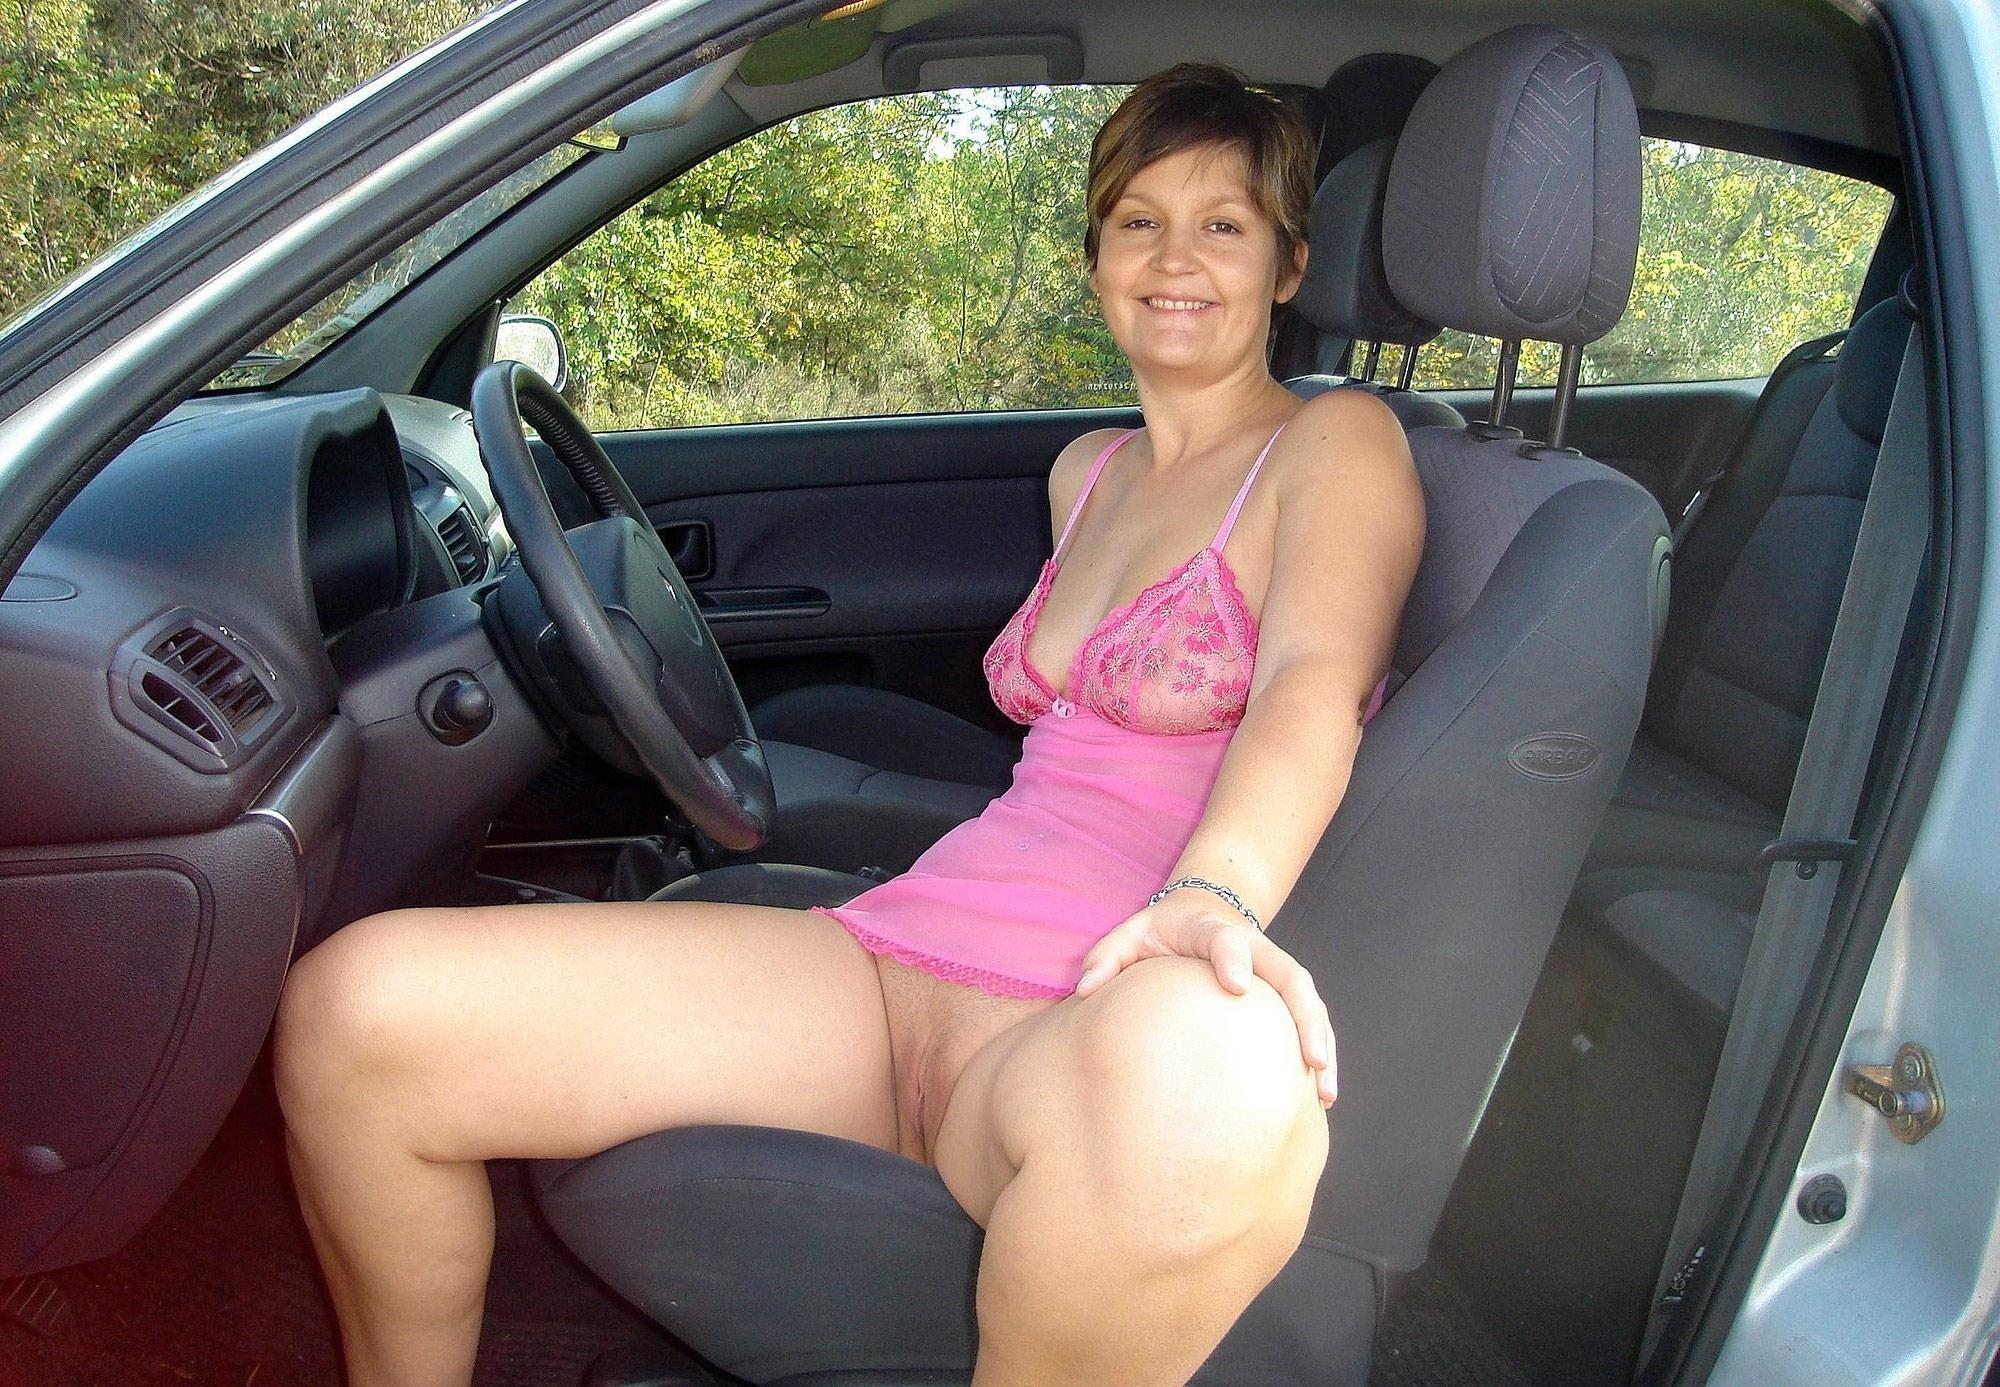 Naked Car Driving